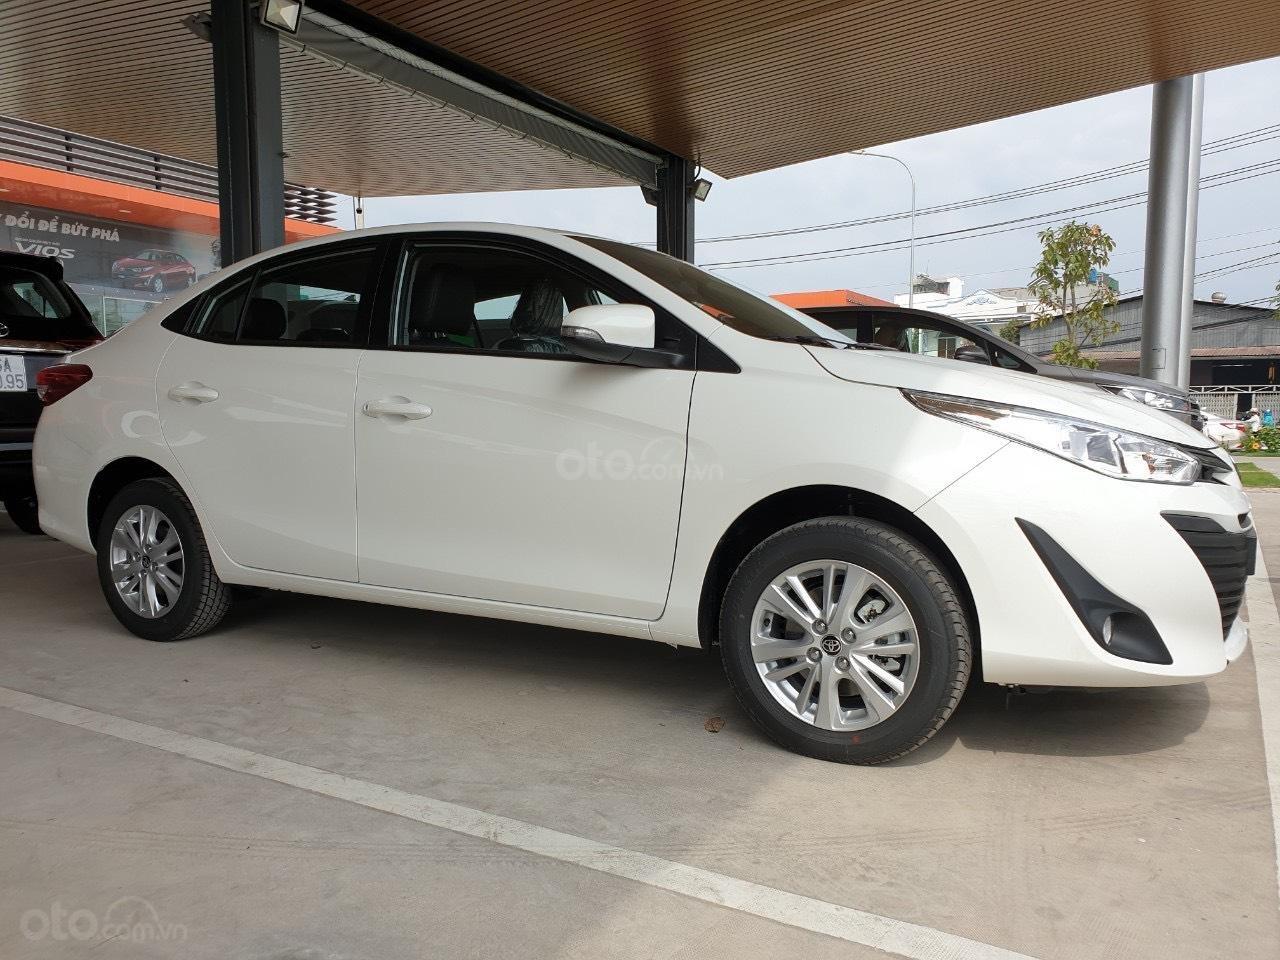 Bán Toyota Vios 1.5 số sàn 2020- vay 80% - trả 120tr nhận ngay xe (2)